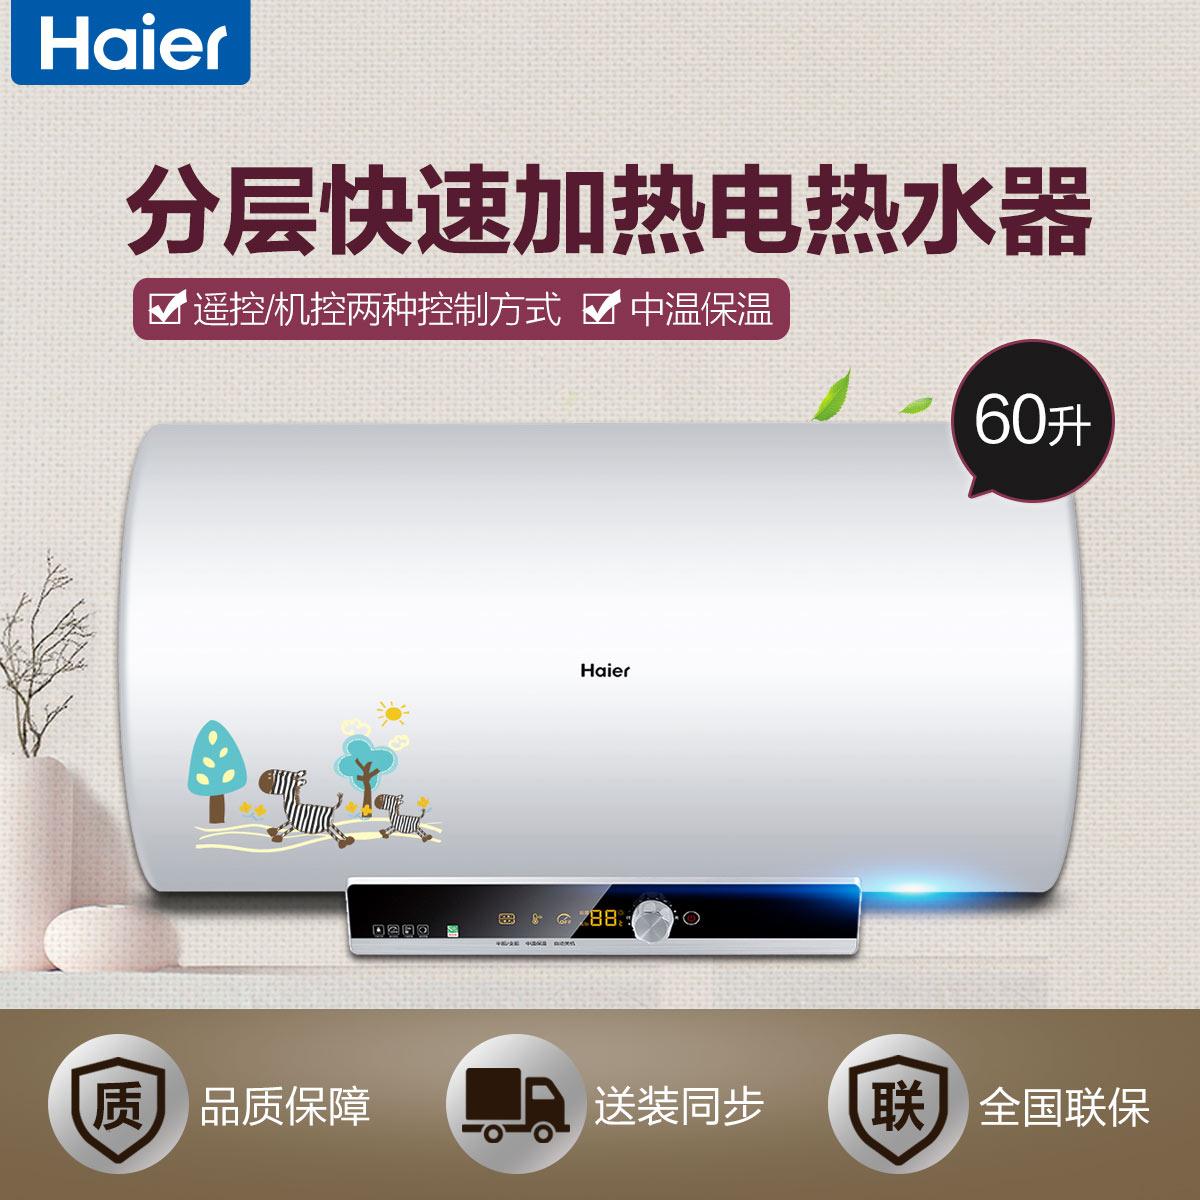 海尔60升电热水器,加热完毕音乐提醒,自动关机;双体分层快速加热,遥控/机控两种控制方式,中温保温,一级能效,高效节能。 EC6003-I3+